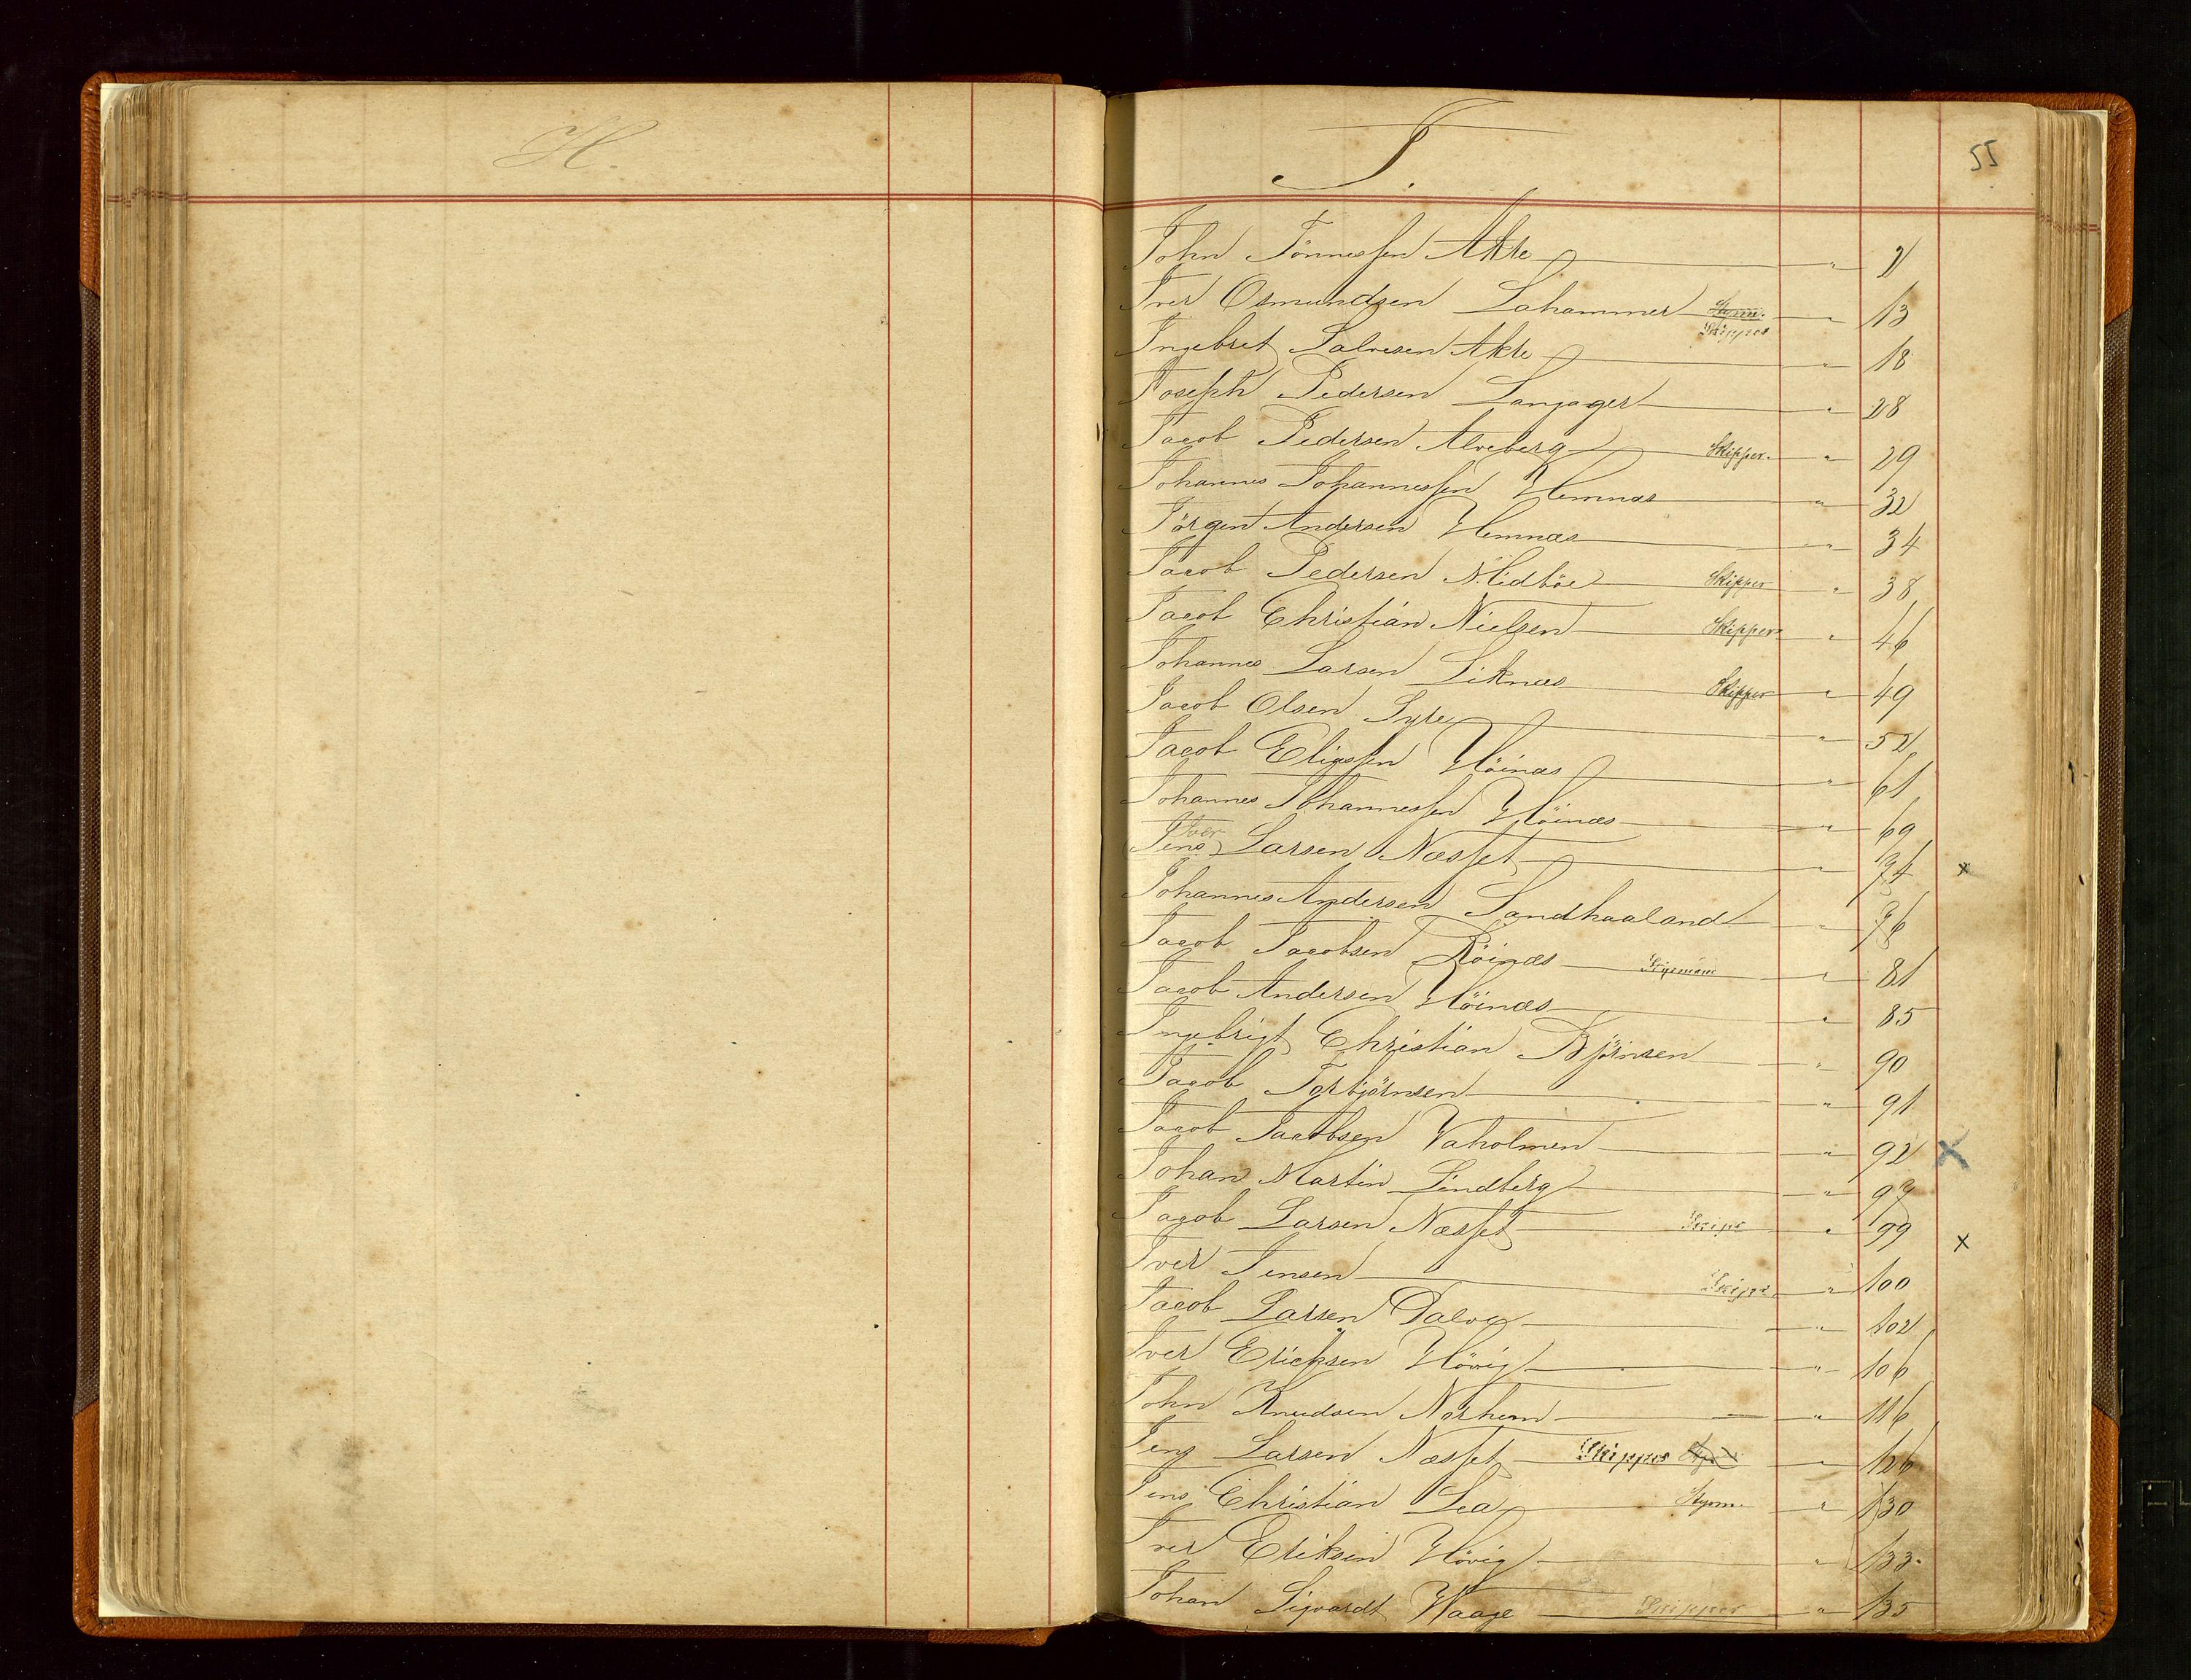 SAST, Haugesund sjømannskontor, F/Fb/Fba/L0003: Navneregister med henvisning til rullenummer (fornavn) Haugesund krets, 1860-1948, s. 55